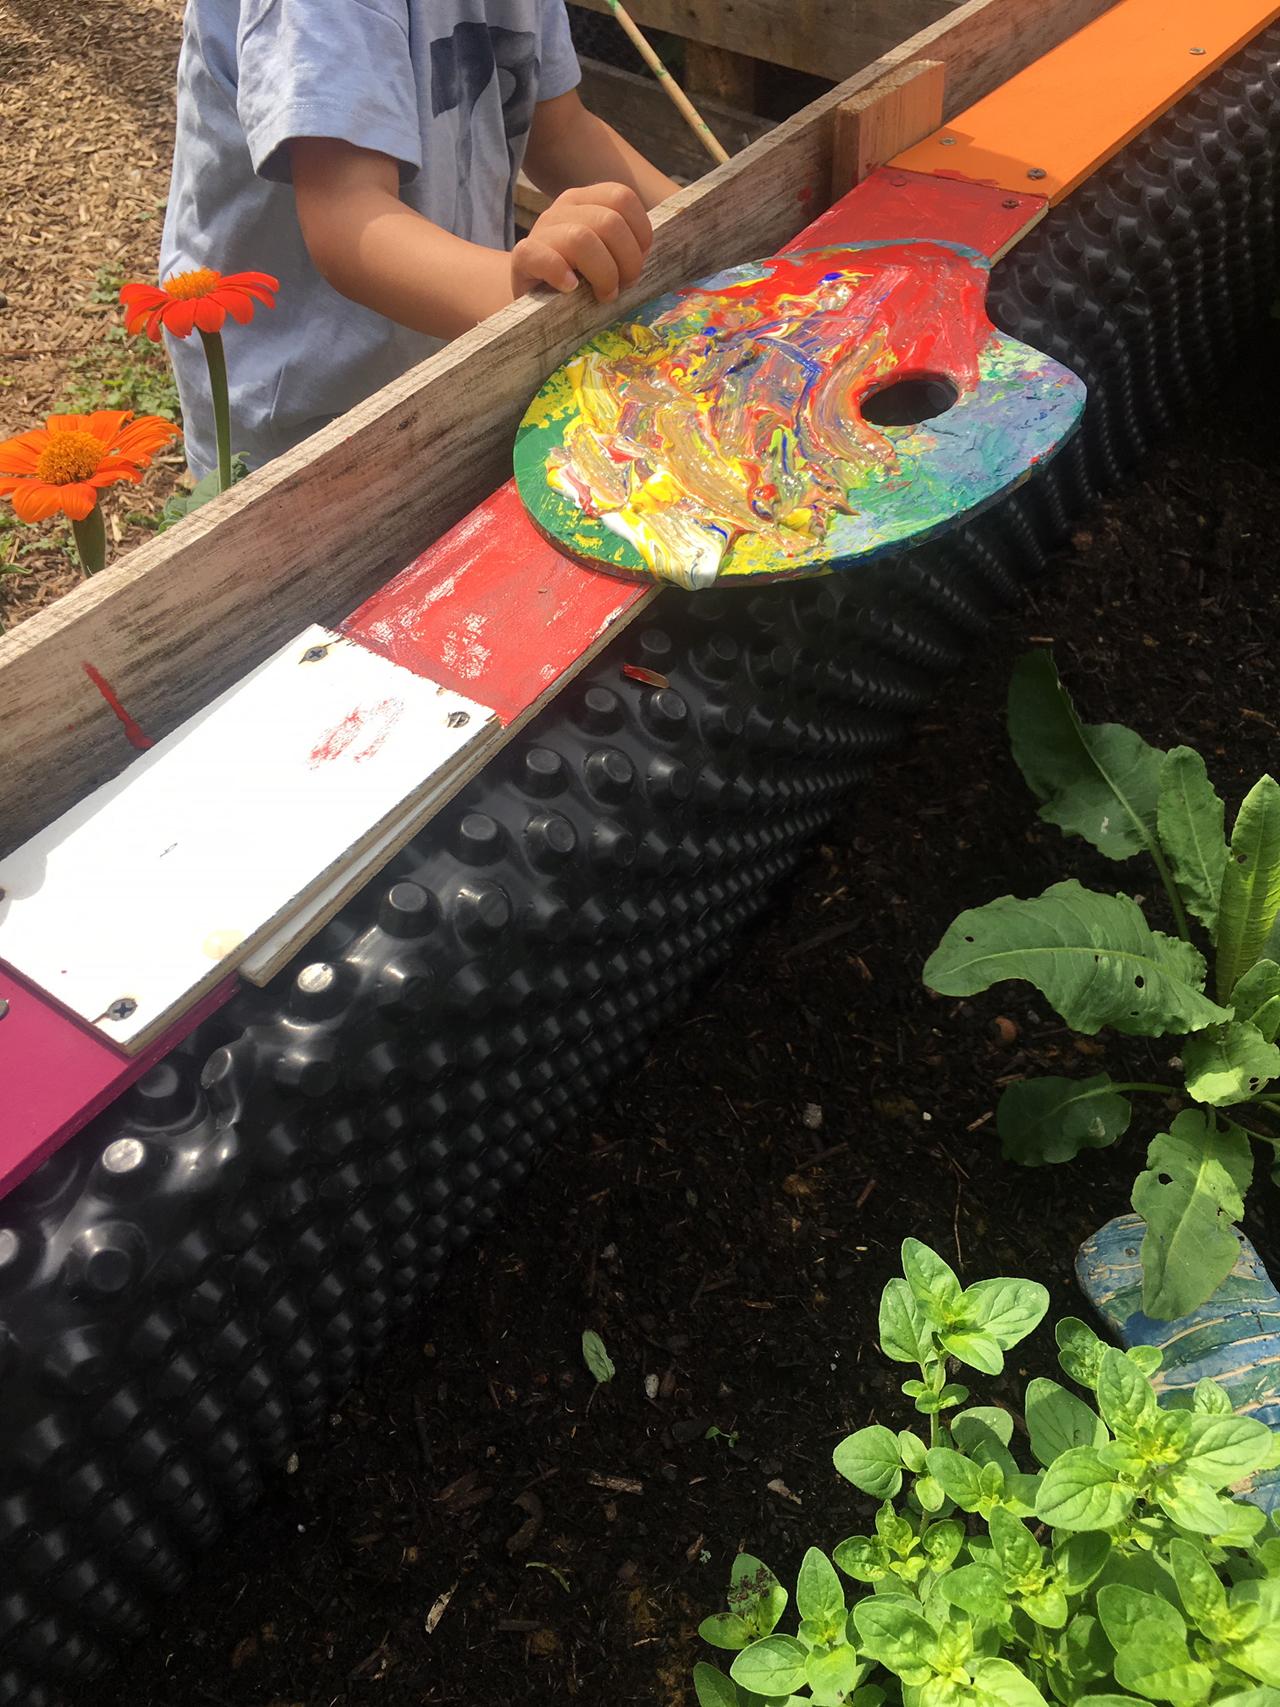 Feierwerk_Blog_Funkstation_Familie_Urban_Gardening_4